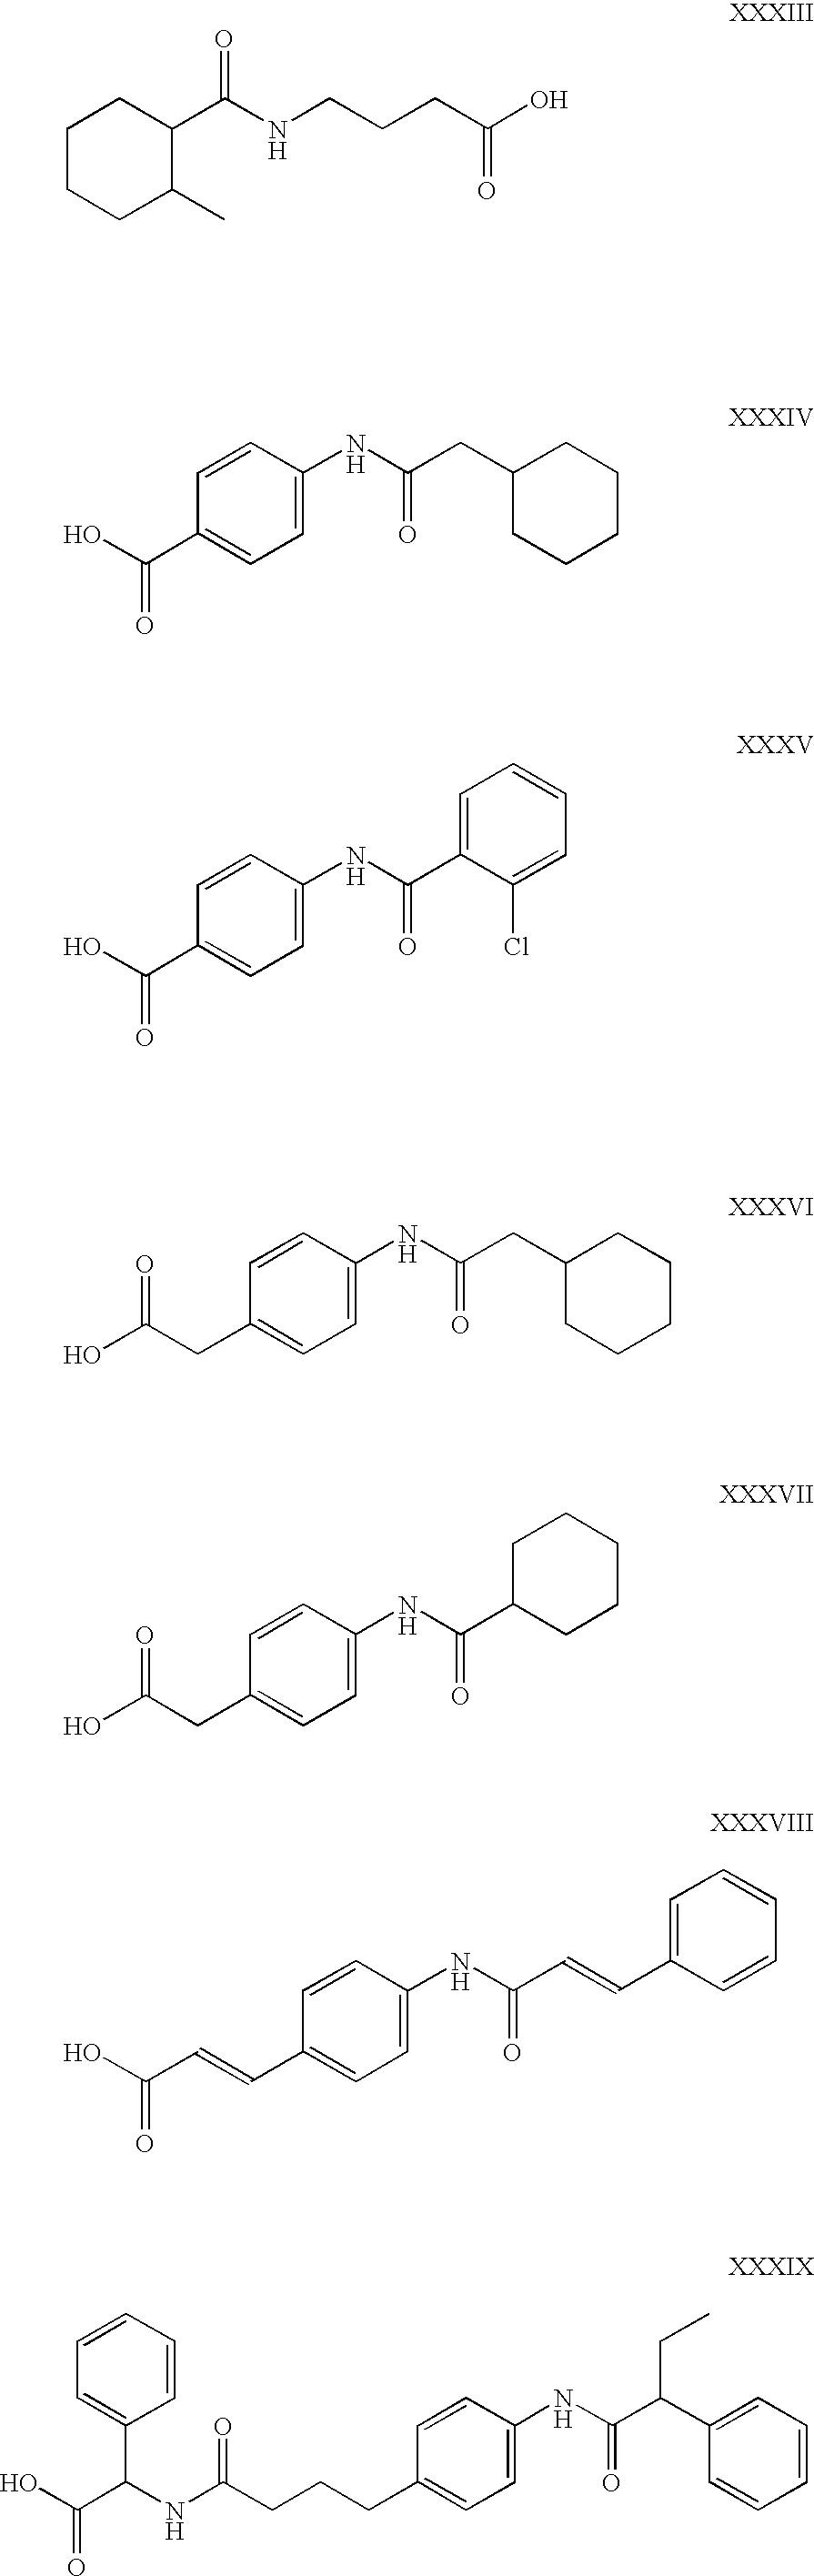 Figure US06663887-20031216-C00006